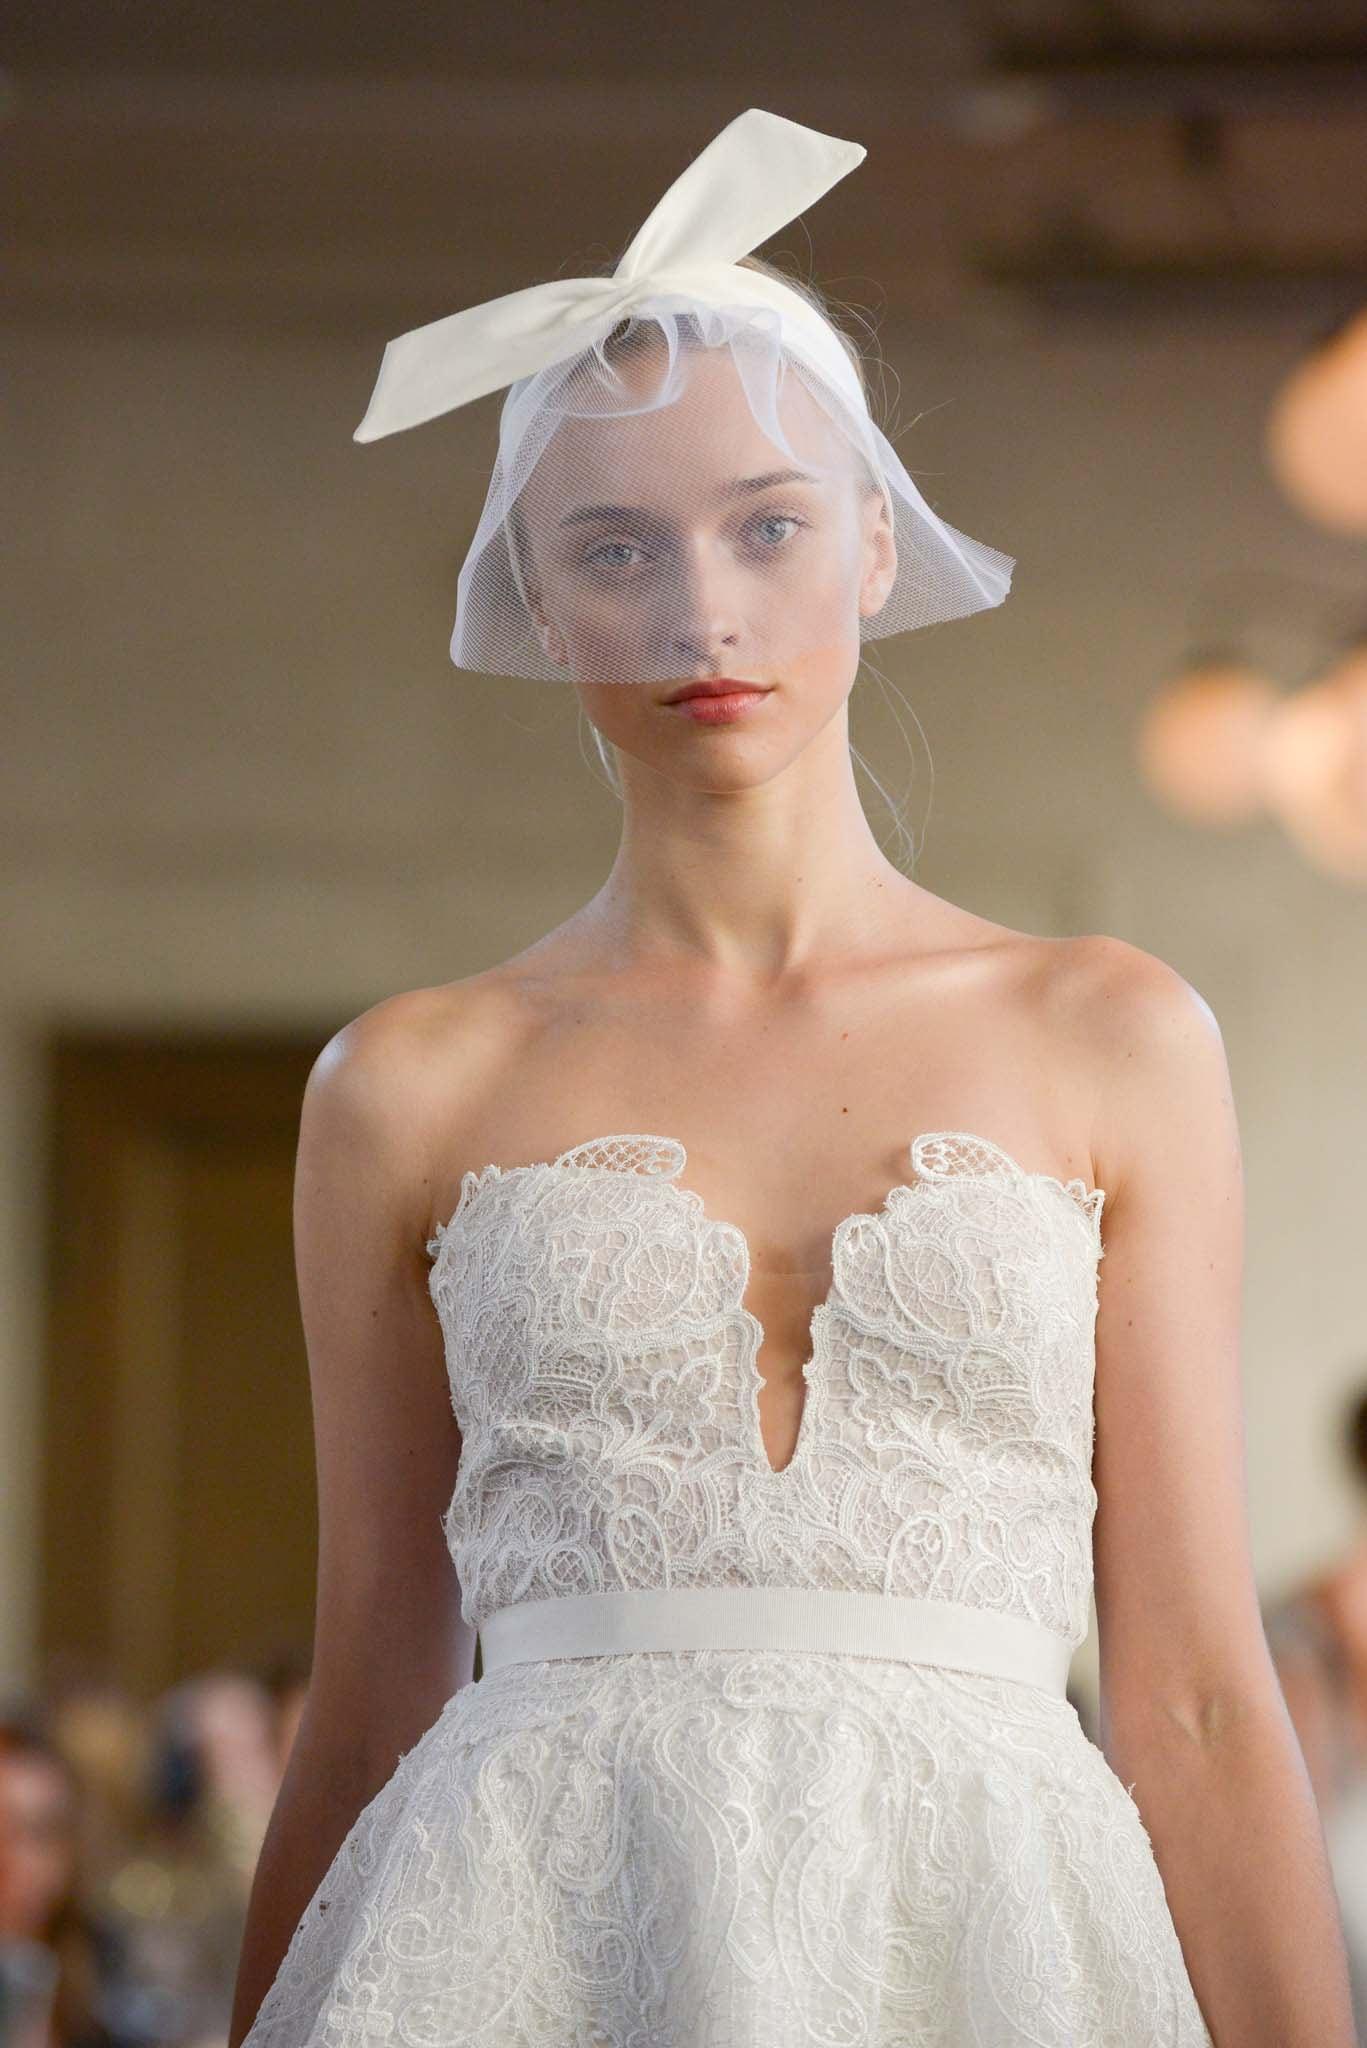 peinado para boda recogido con vincha maxi moño velo accesorio lela rose